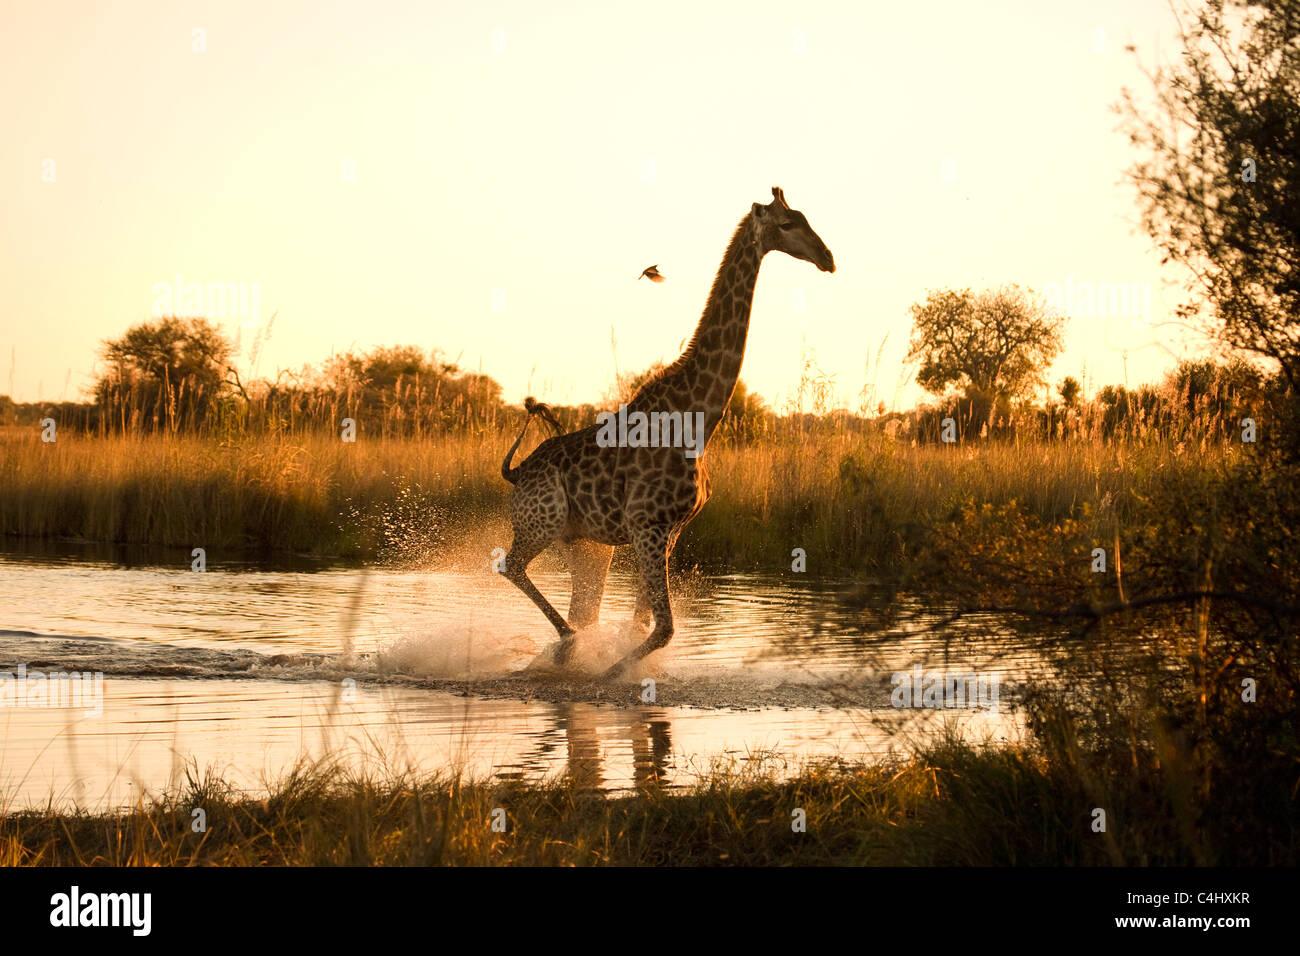 Giraffe (Giraffa camelopardalis) in esecuzione su un area allagata in Okavango Delta, Botswana Immagini Stock